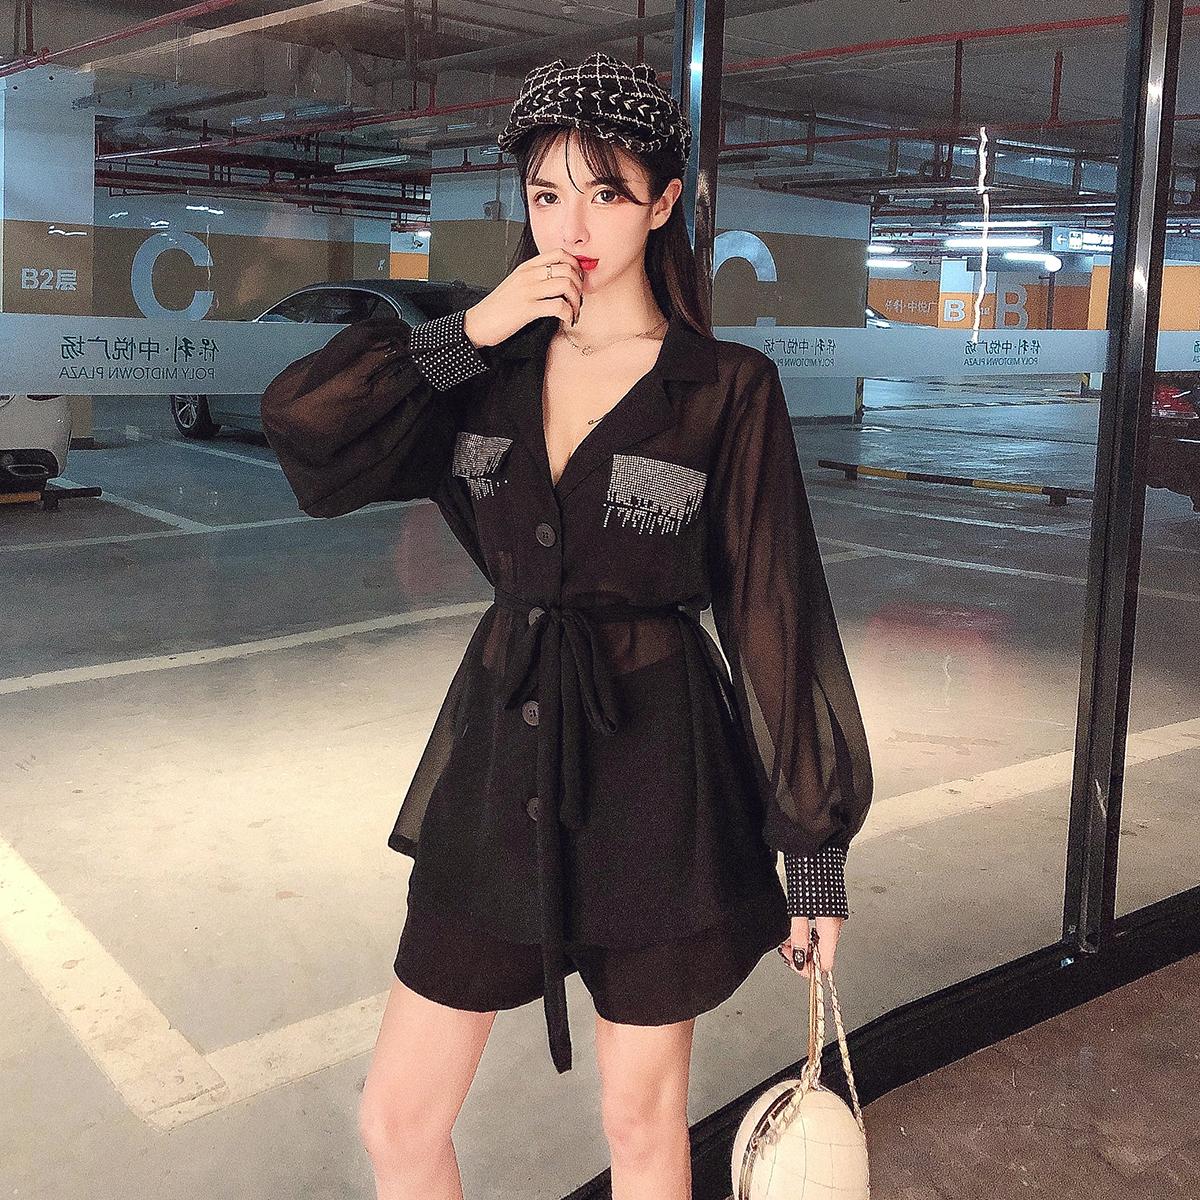 时尚套装女装2019初秋新款韩版雪纺上衣+高腰显瘦短裤气质两件套(用12.02元券)